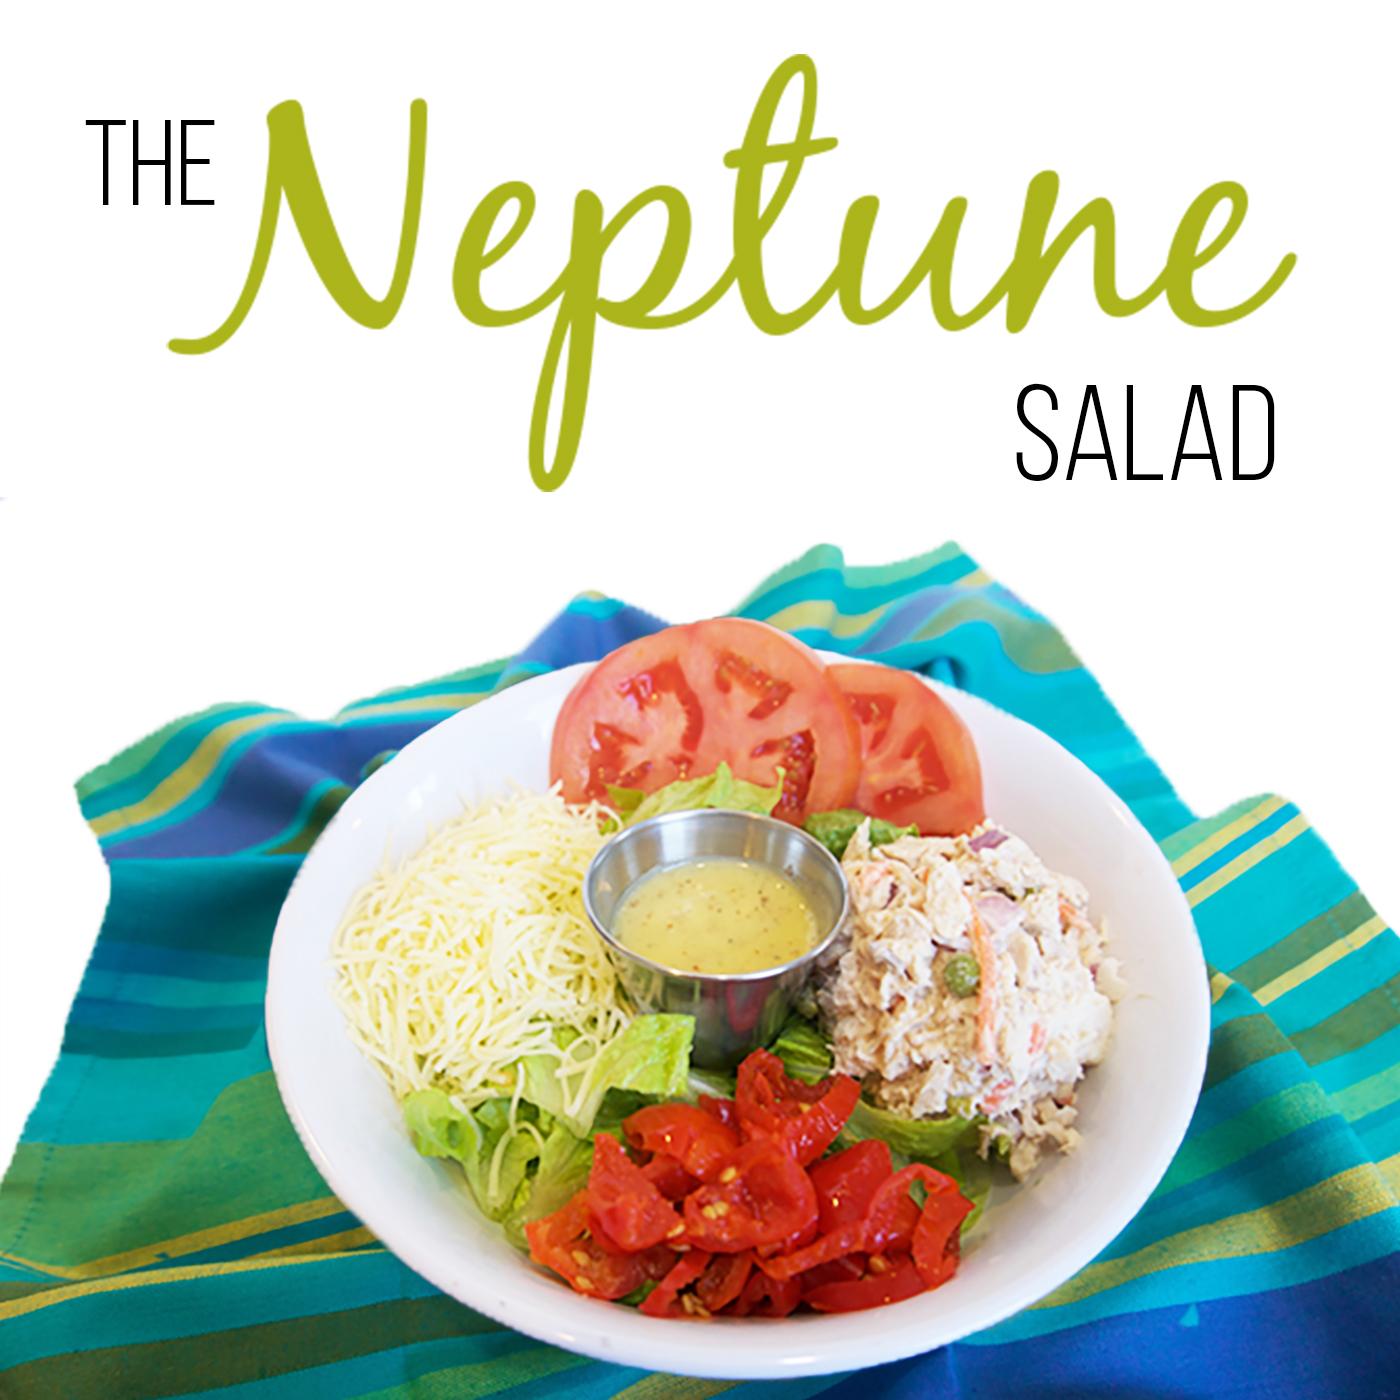 Neptune Salad MJ's Market & Deli